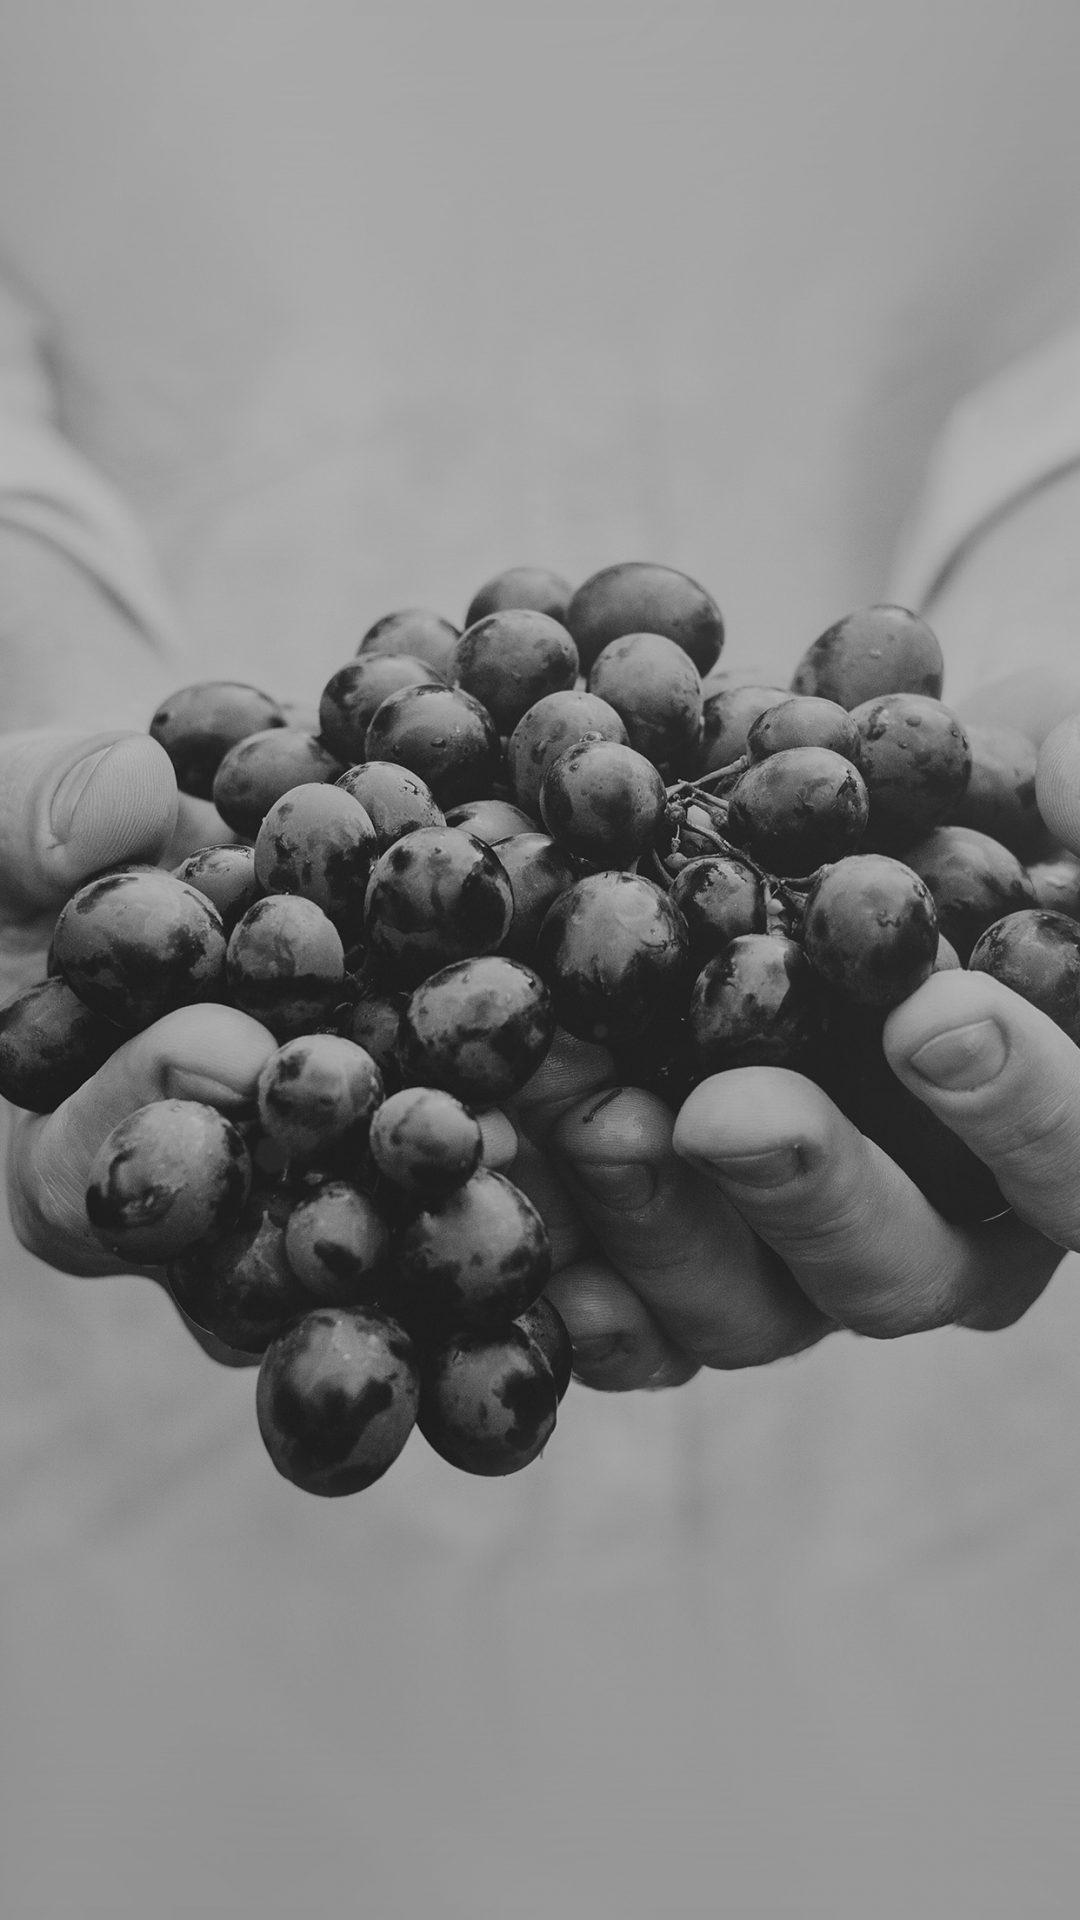 Farmer Food Grapes Fruit Nature Bokeh Dark Bw